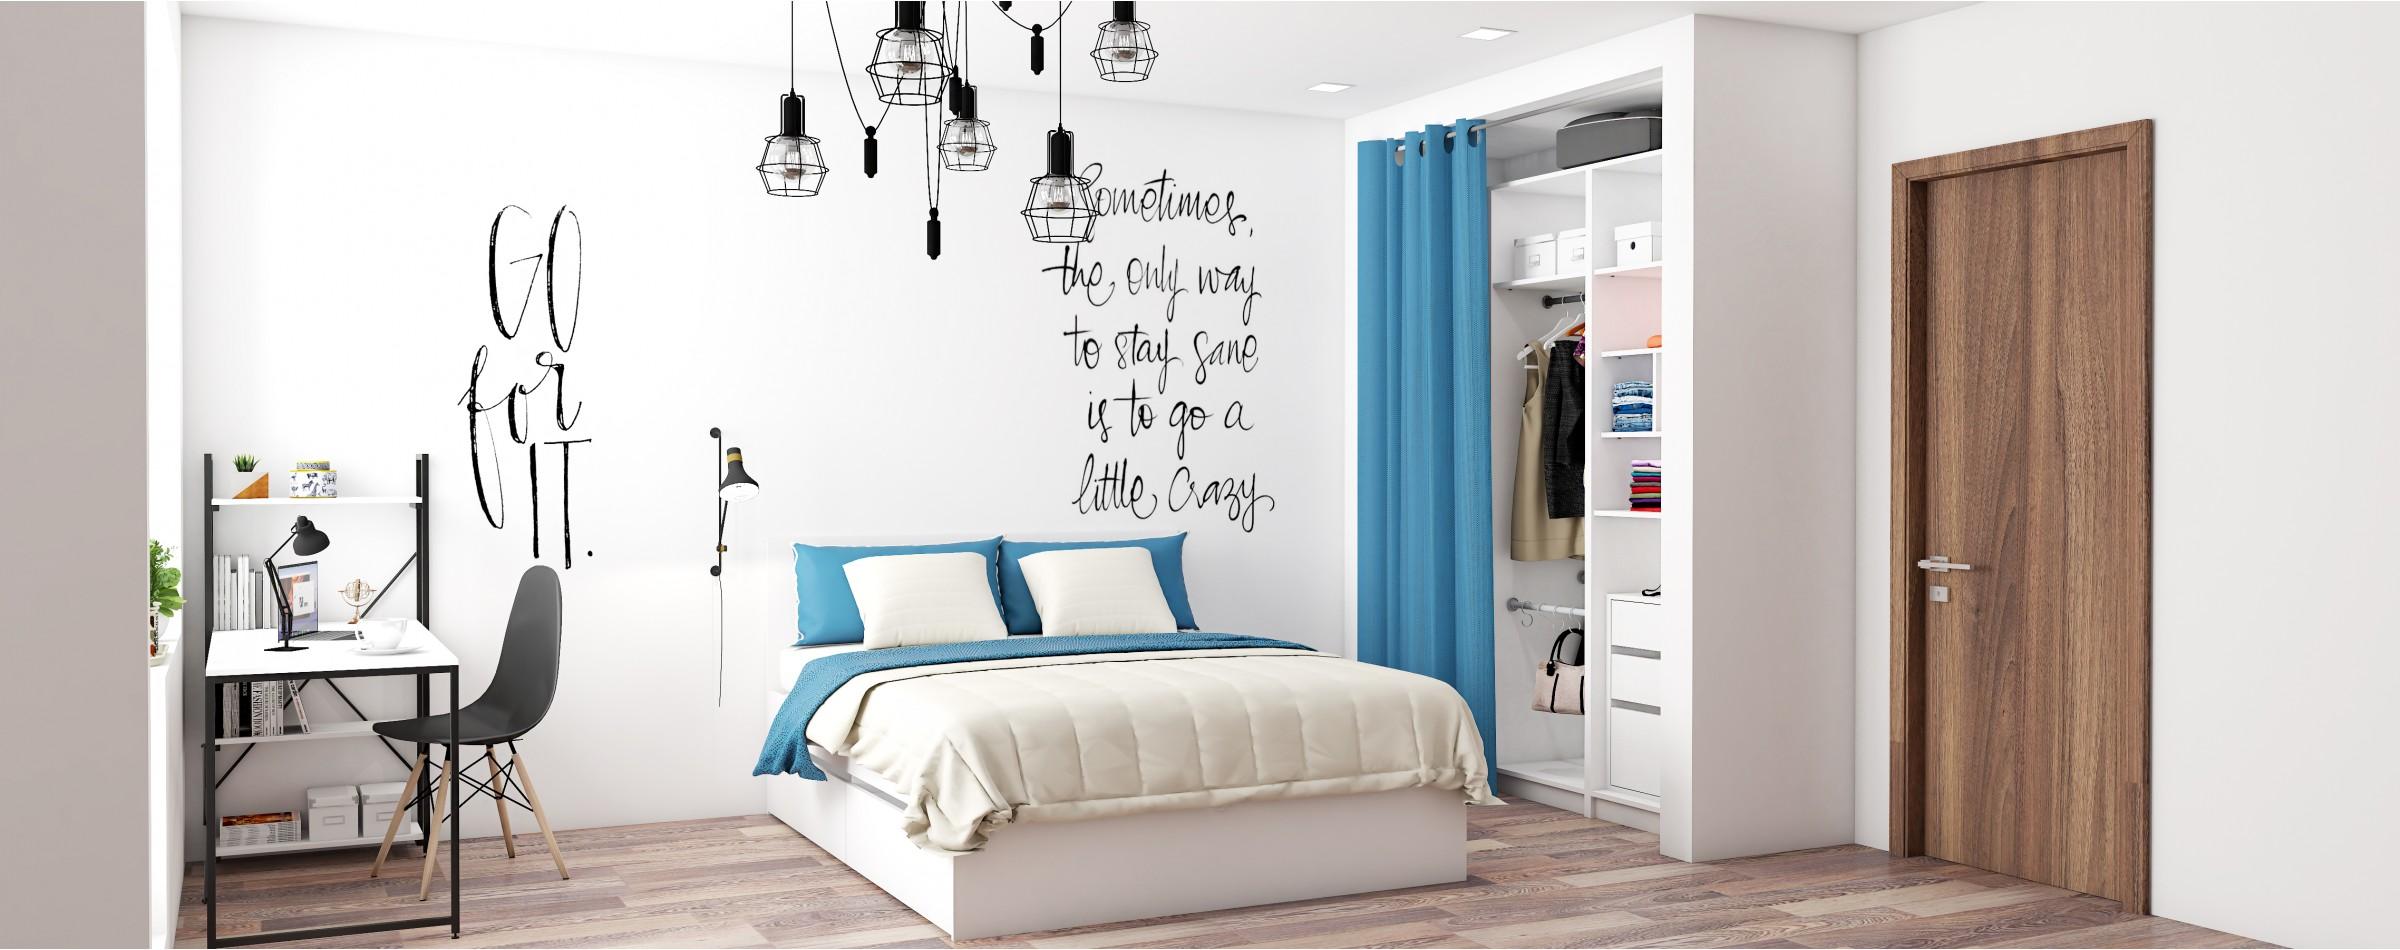 Или такую спальню? 21 053 грн.